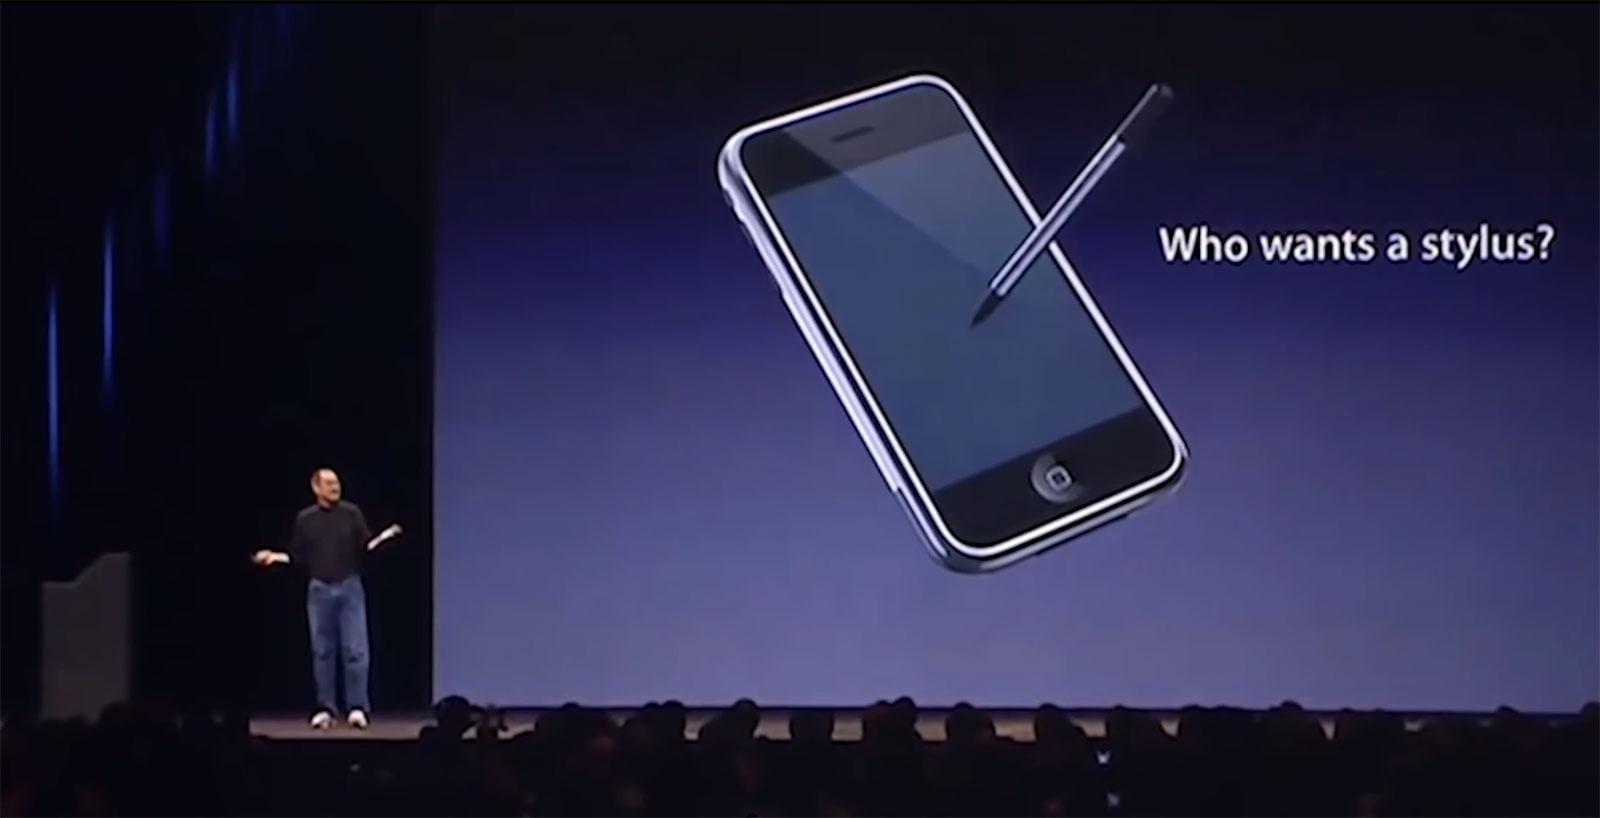 Steve Jobs preguntándose quién quiere una stylus para el iPhone